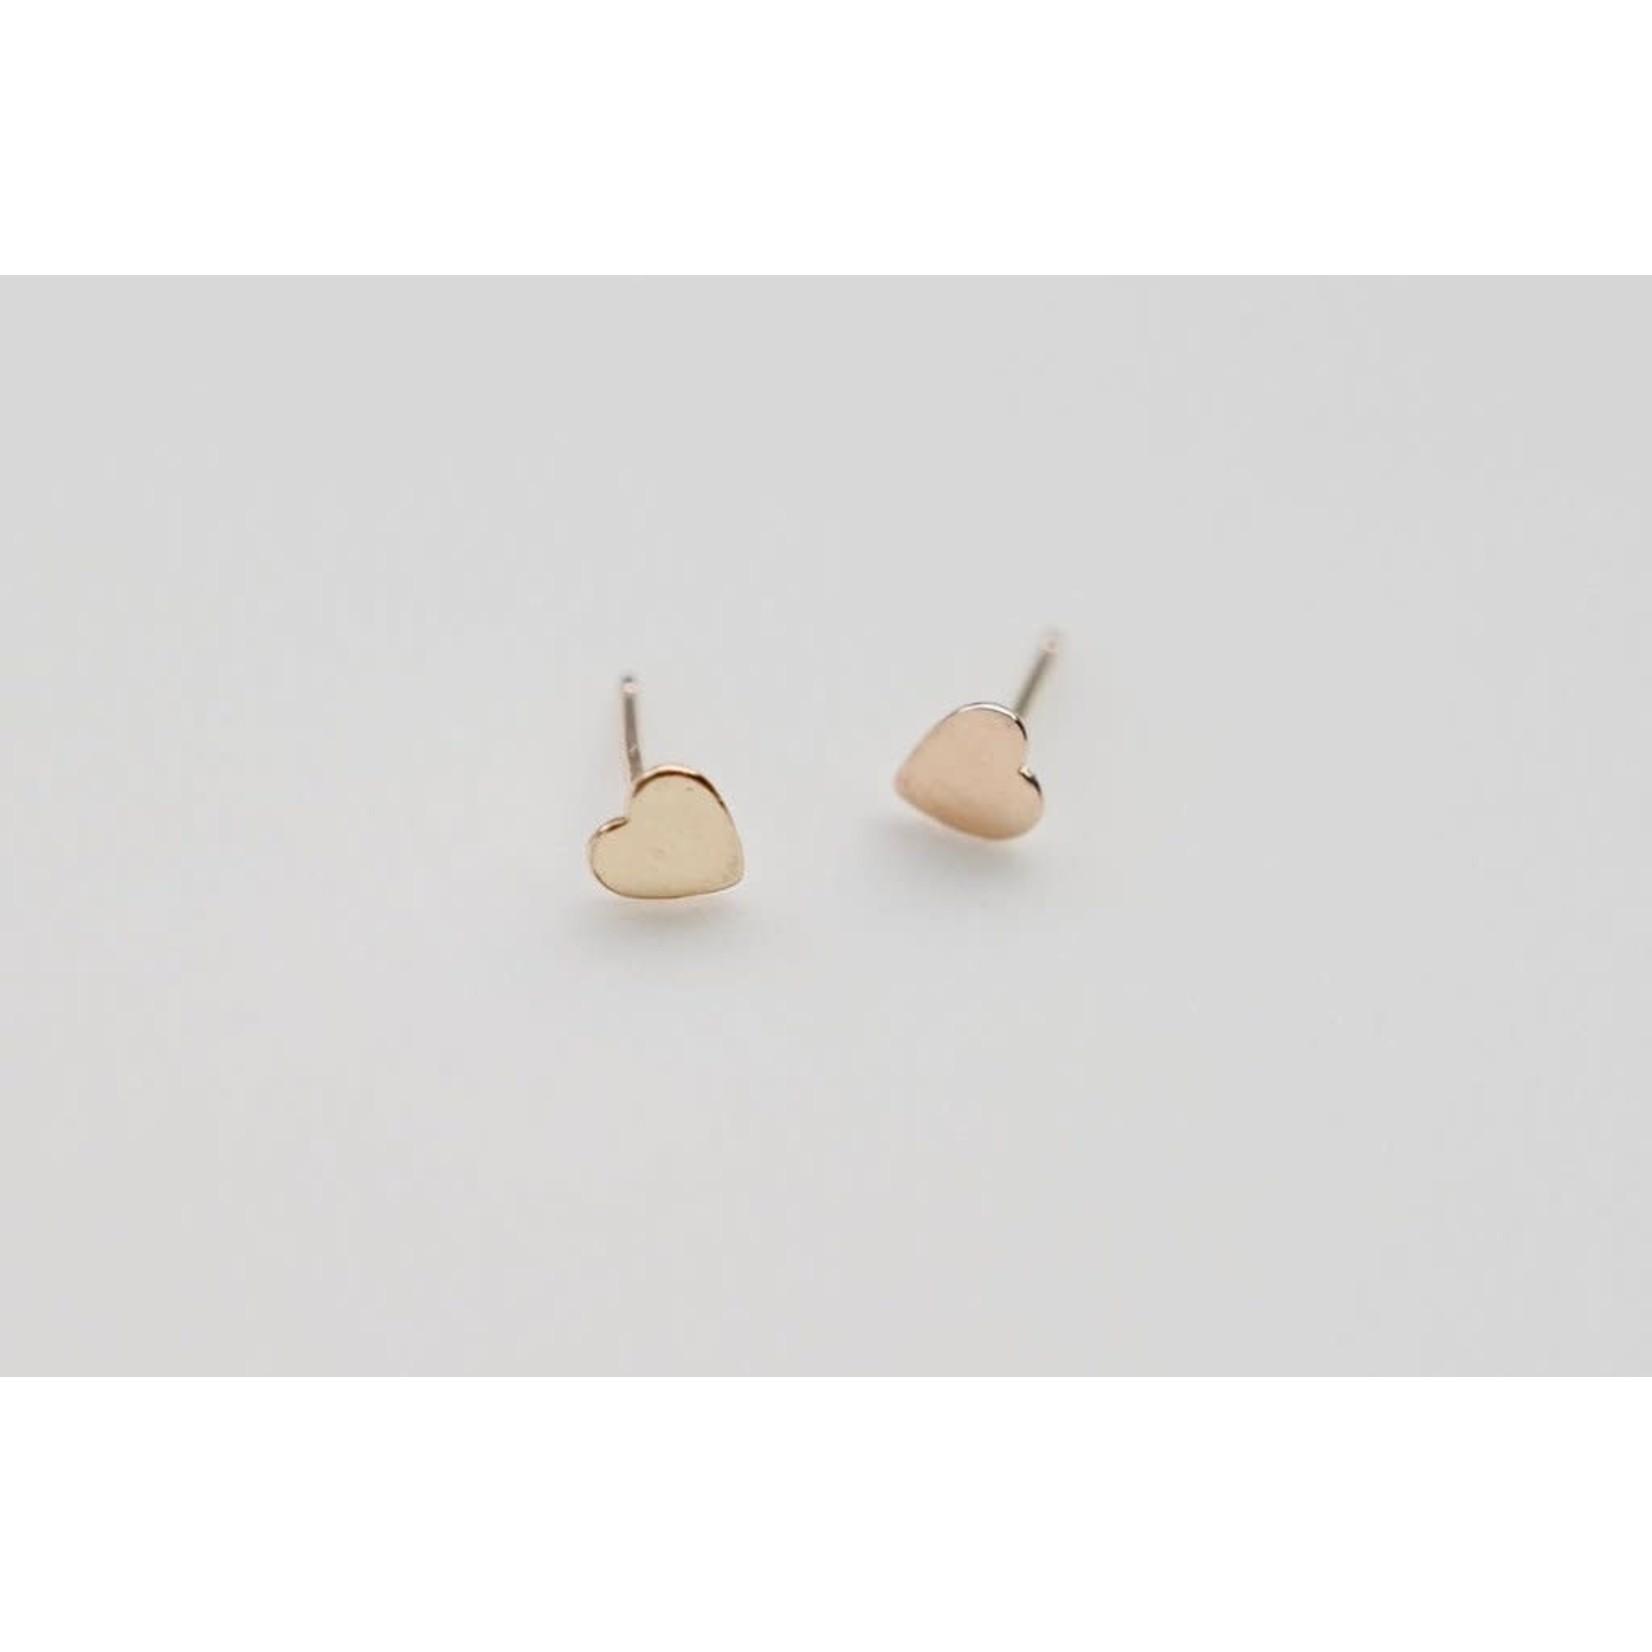 Heart Stud Earrings